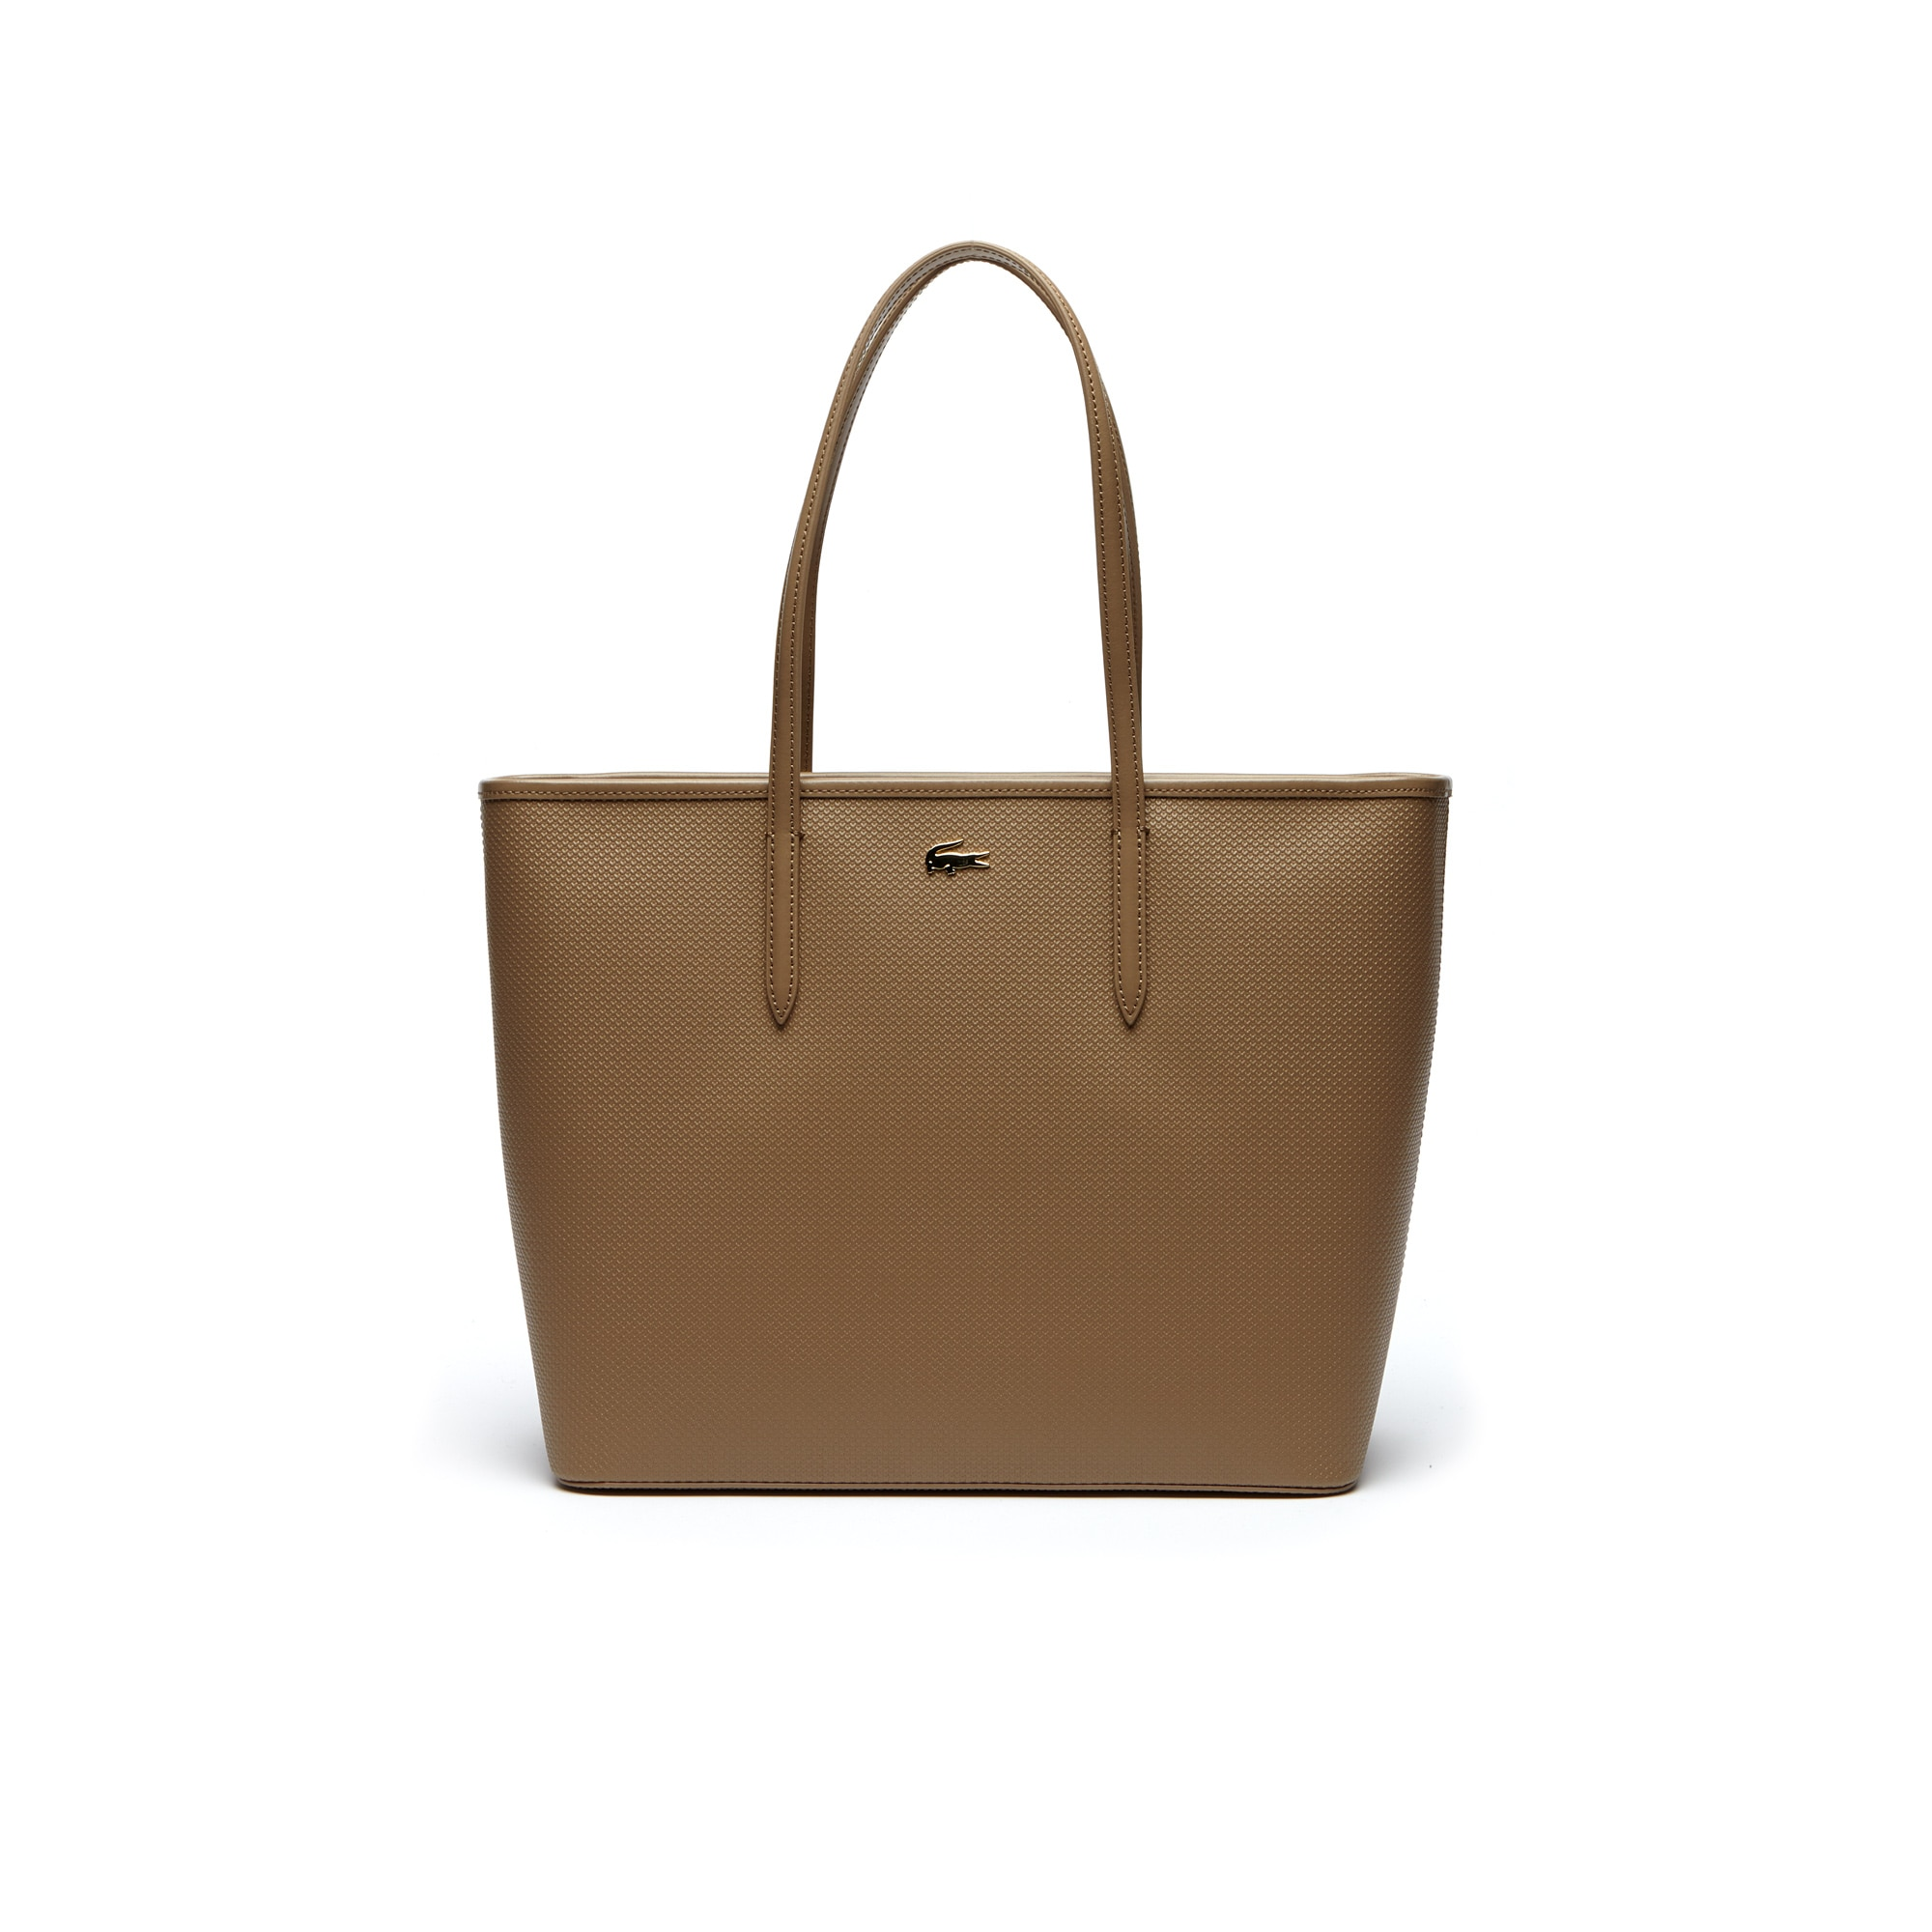 Grand sac cabas zippé Chantaco en cuir piqué uni